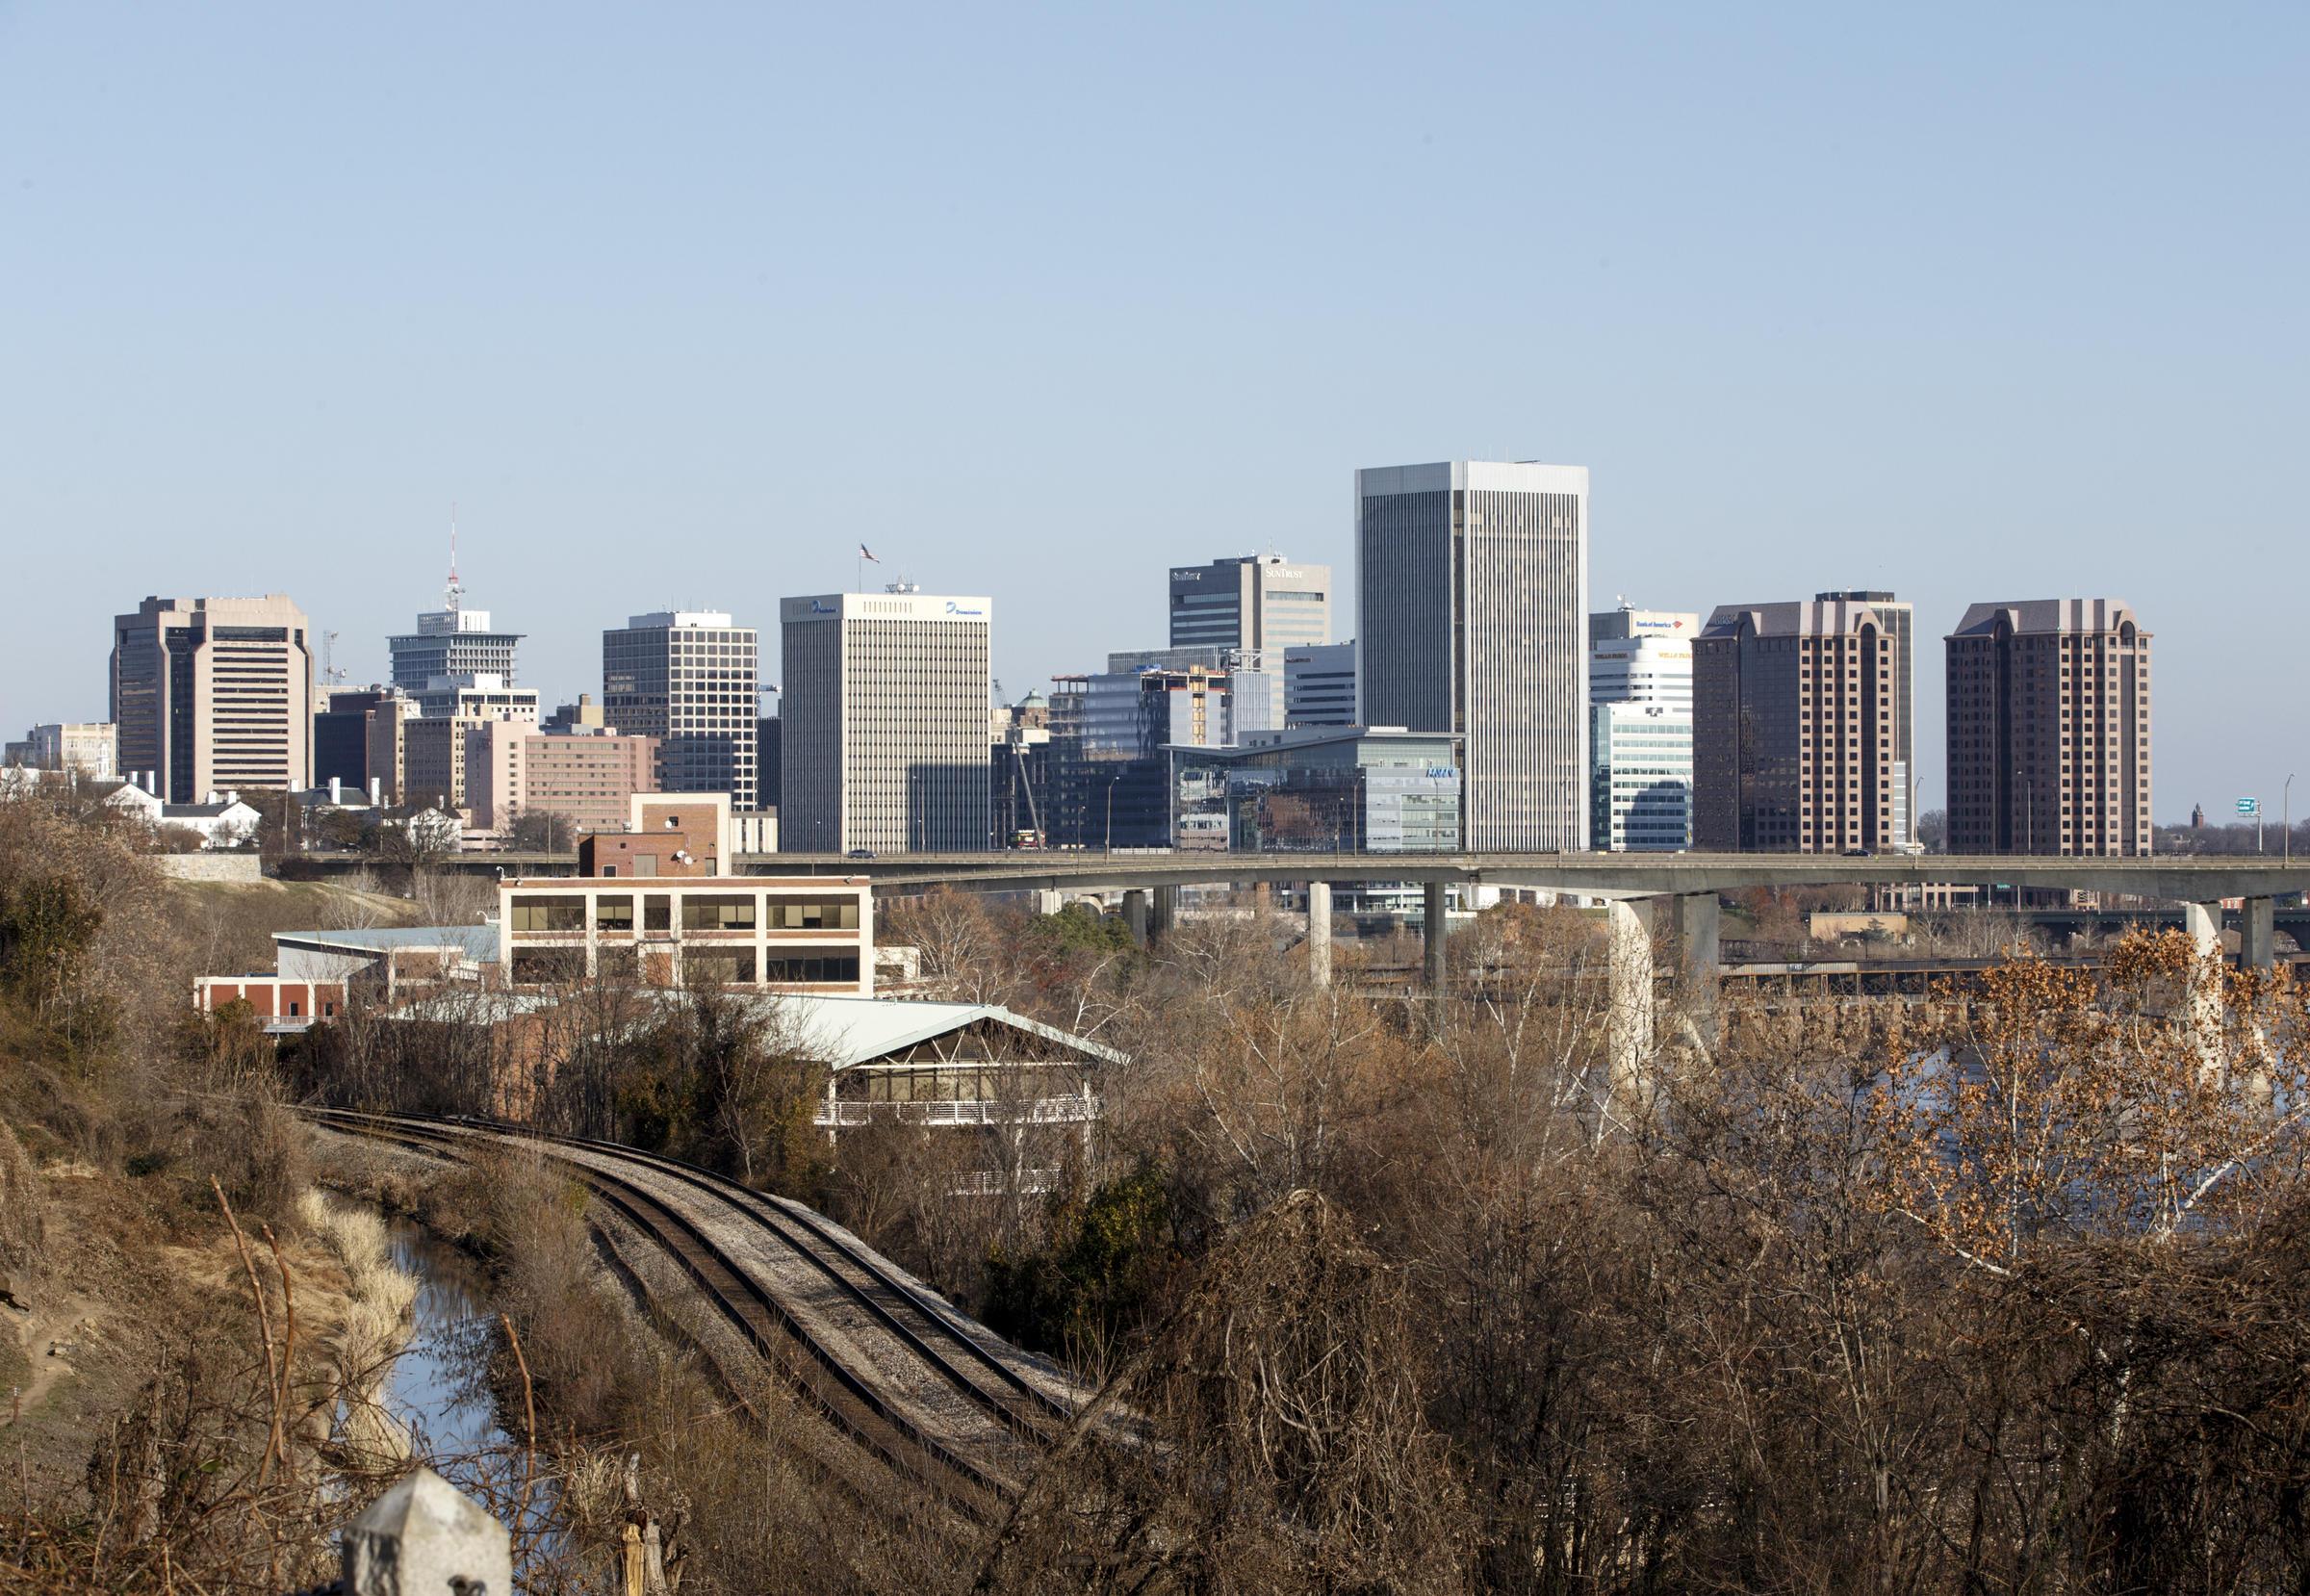 Virginia Cities Top List Of Millennial Growth